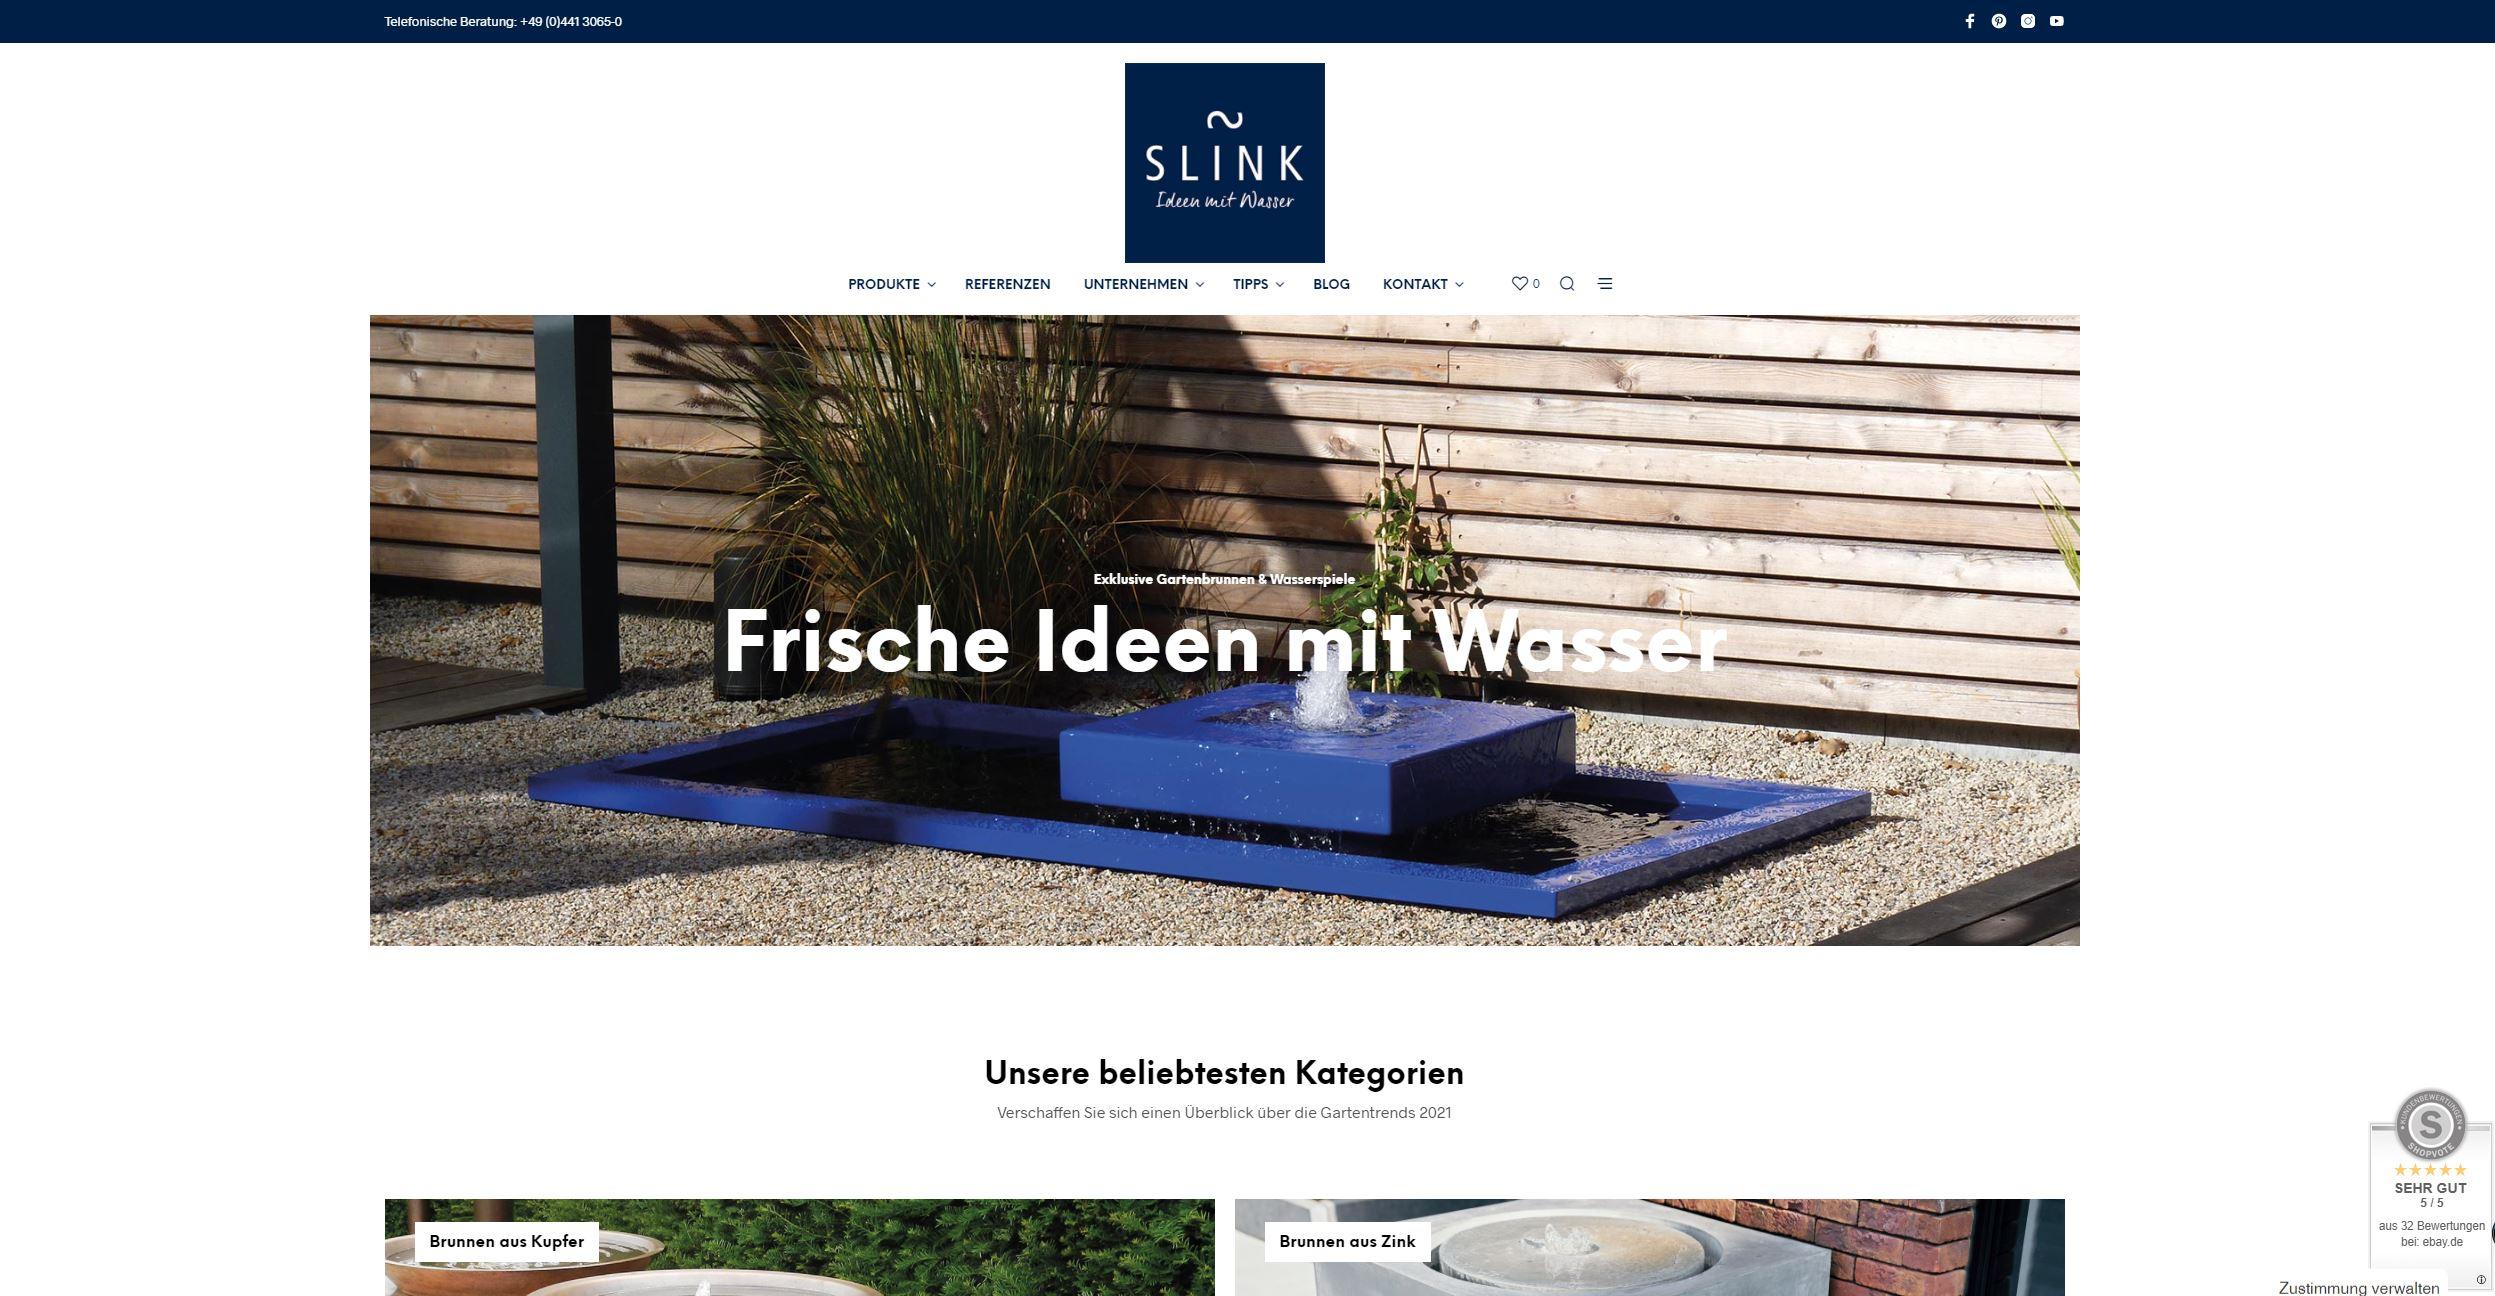 Slink Ideen mit Wasser Desktop PC Homepage